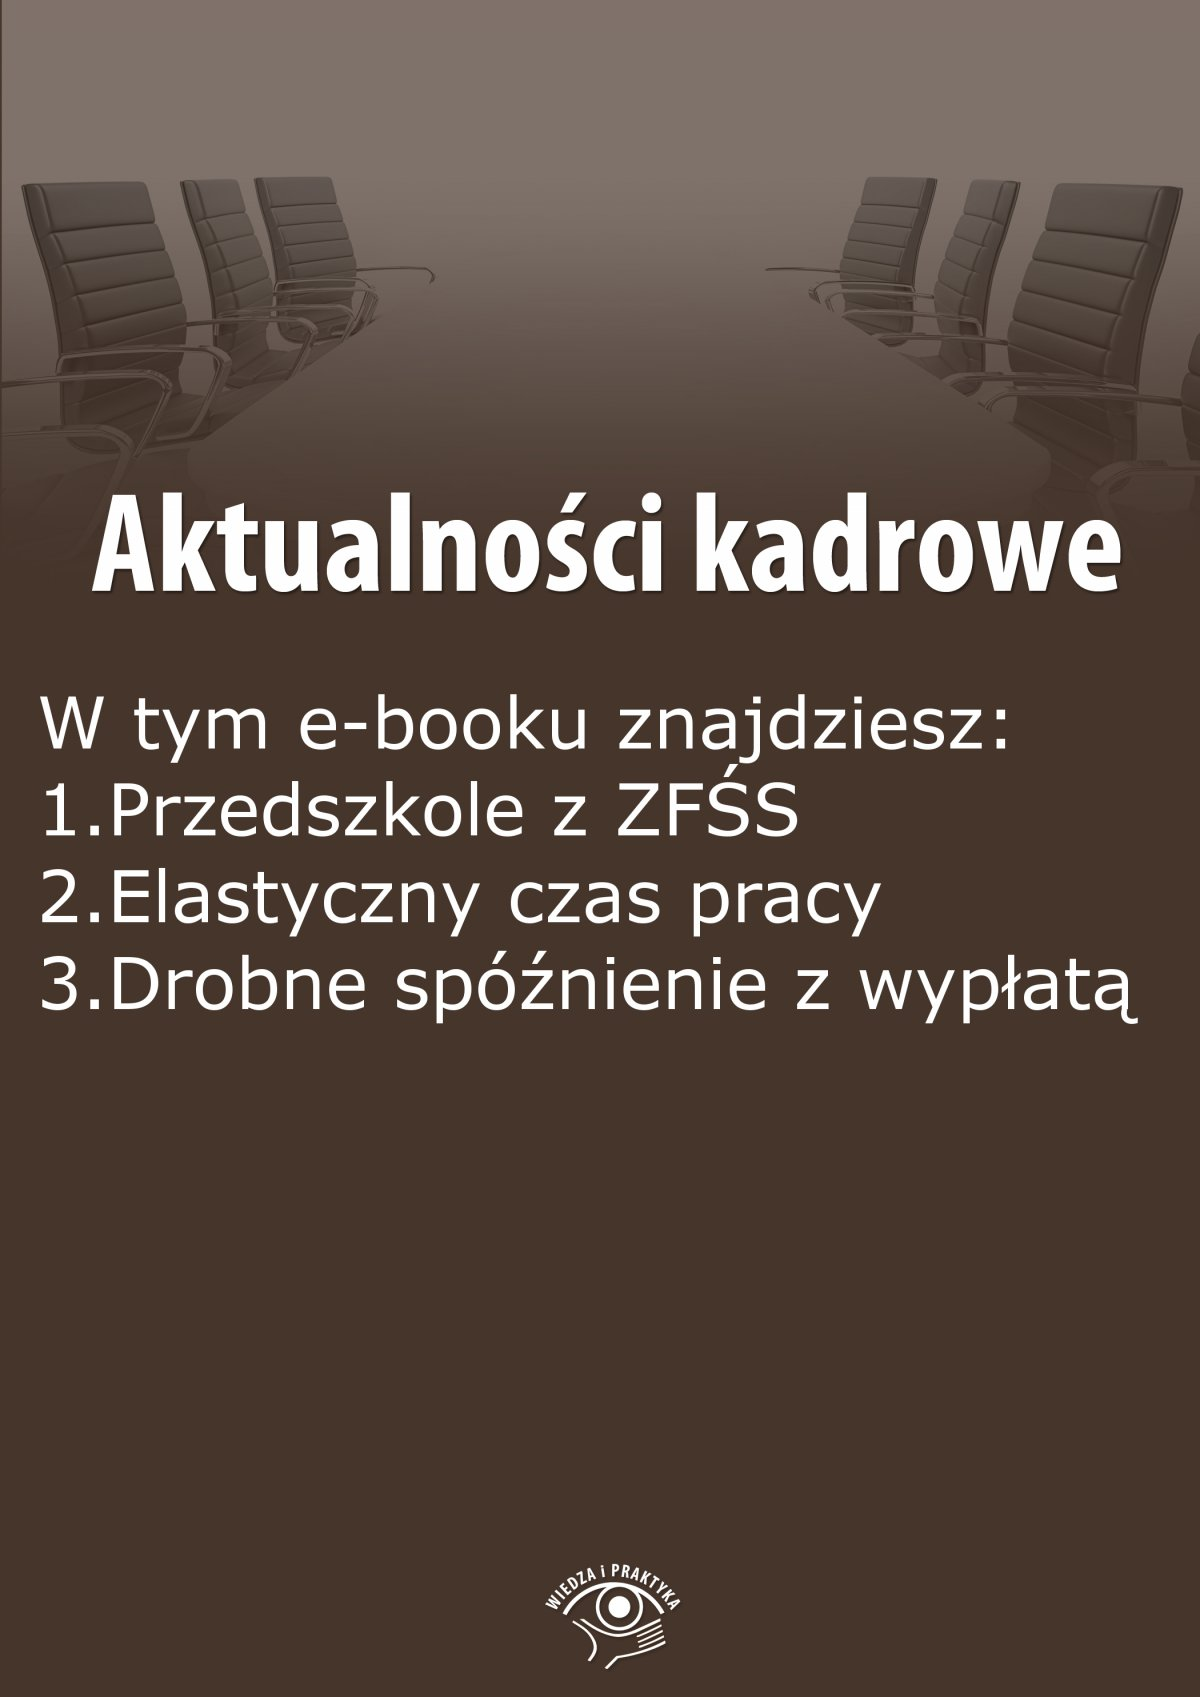 Aktualności kadrowe, wydanie wrzesień 2015 r. - Ebook (Książka PDF) do pobrania w formacie PDF